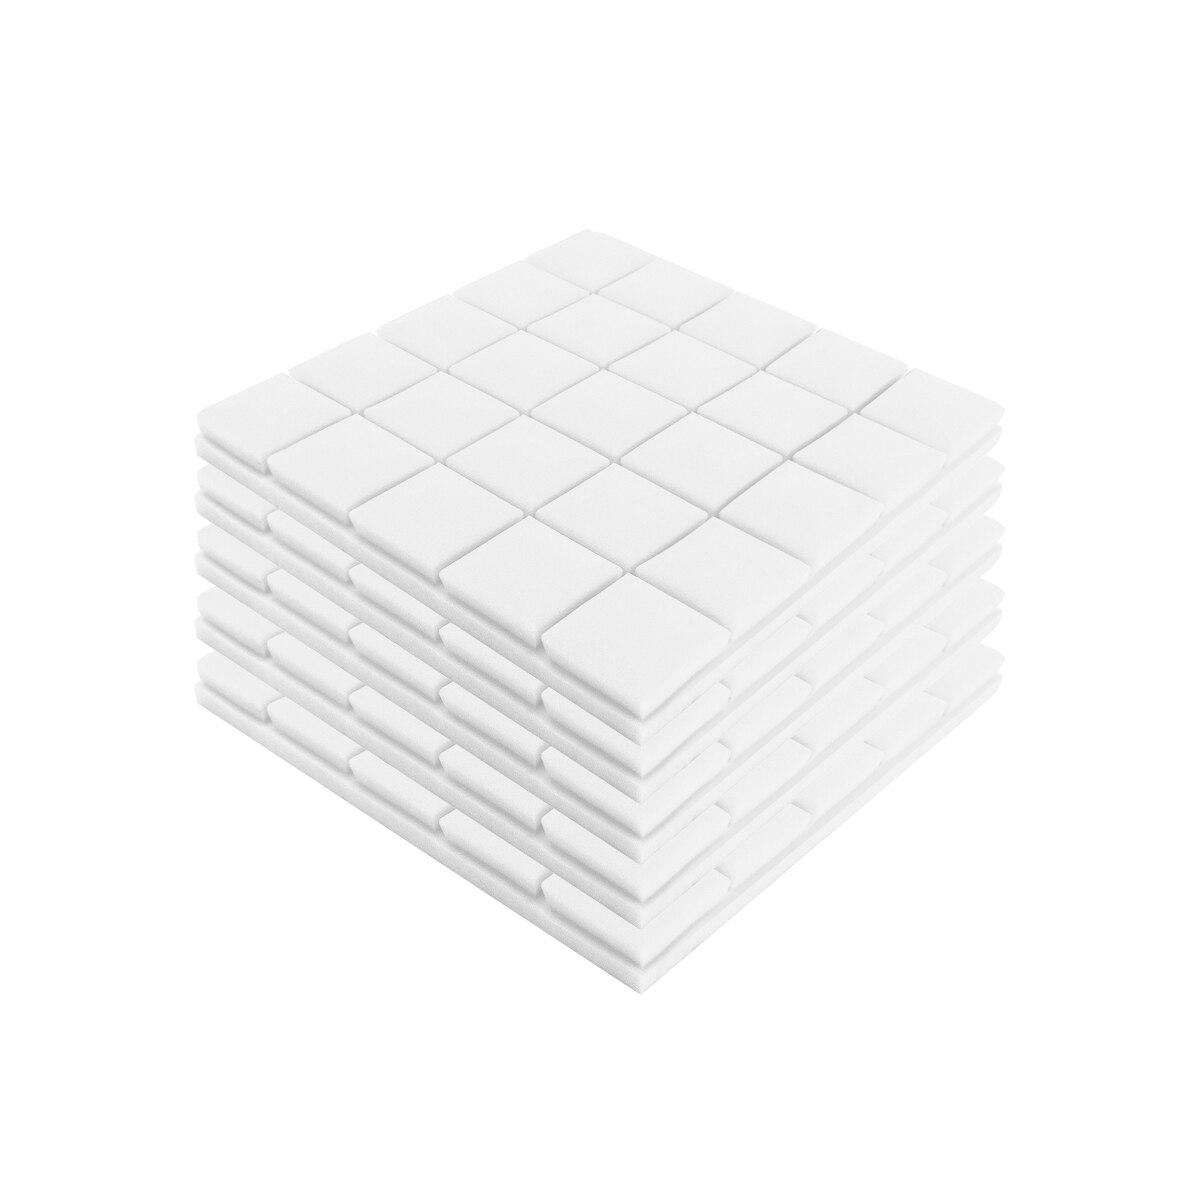 500x500x50mm 5pcs Soundproof Foam Acoustic Sound Stop Absorption Sponge Drum Room Accessories Wedge Tiles Polyurethane Foam